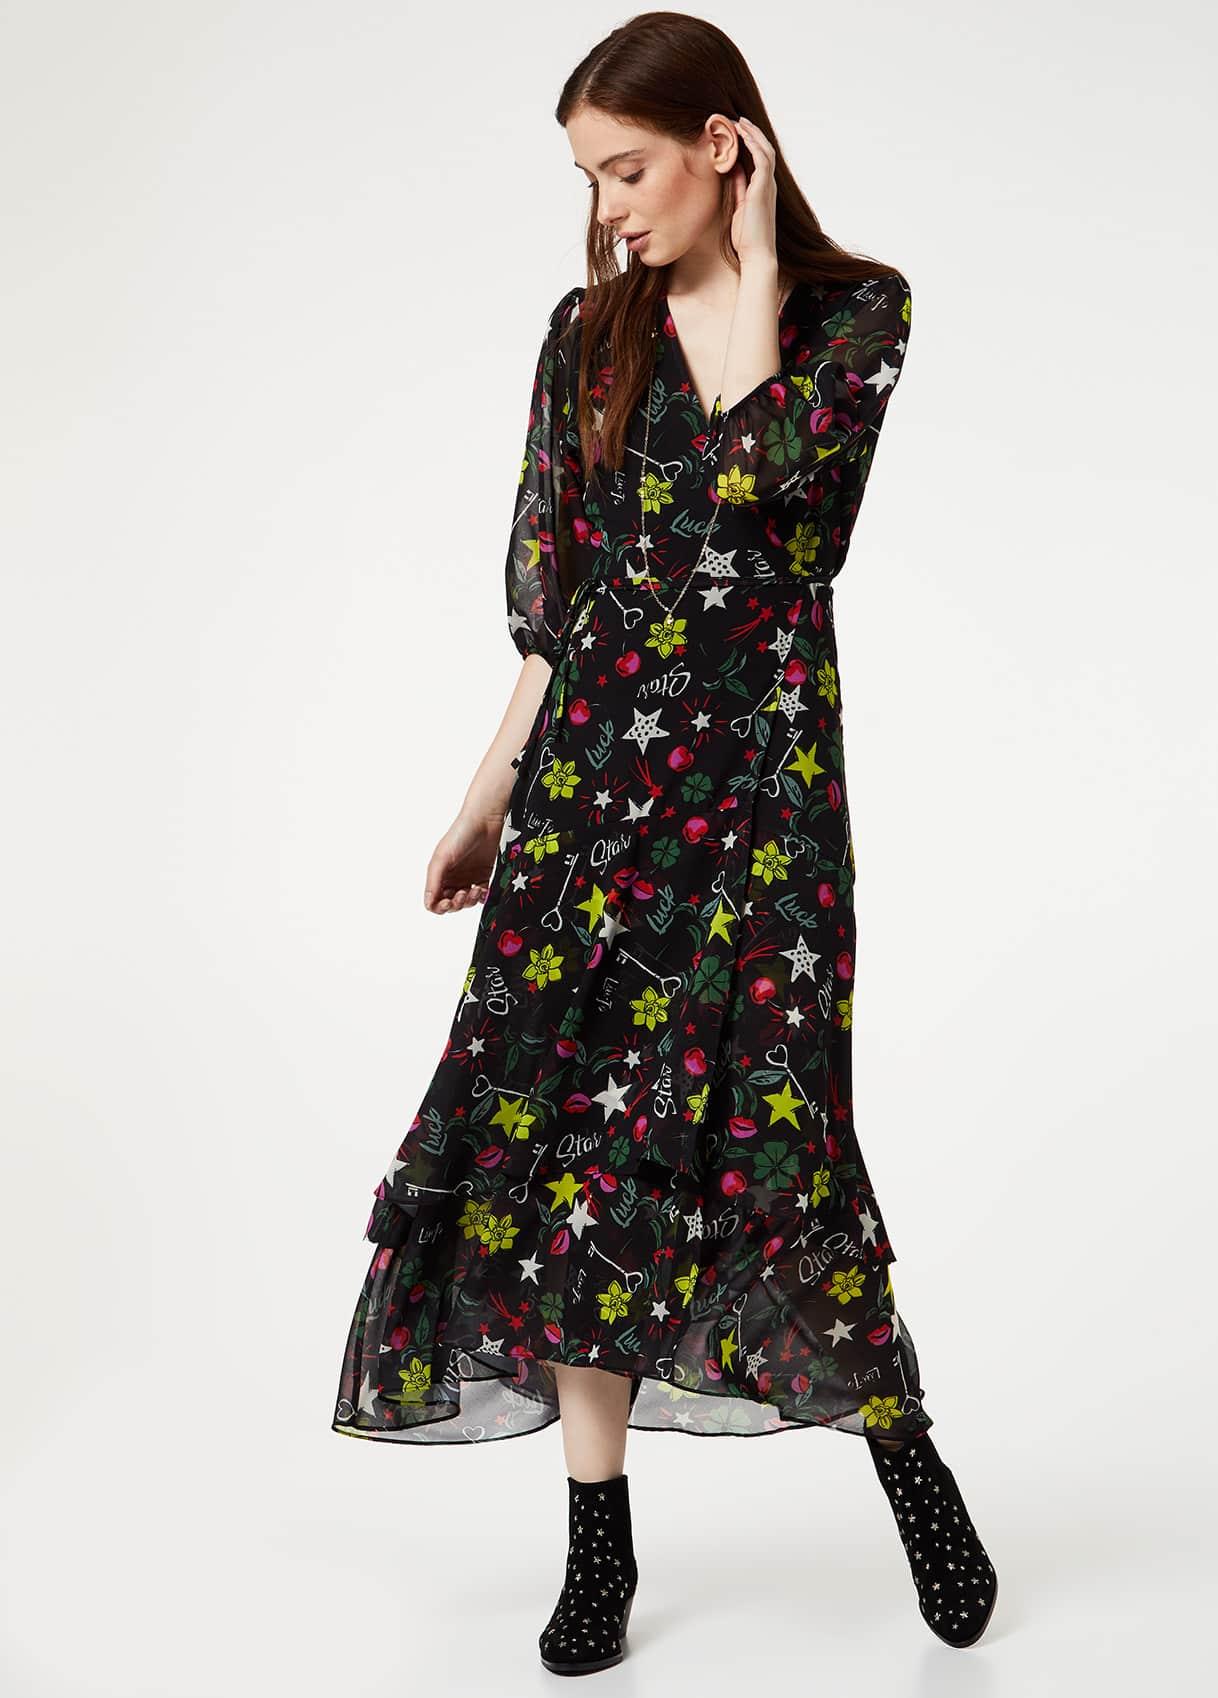 8056156746172-dresses-maxidresses-wa0258t0110u9568-i-ao-n-b-04-n_1